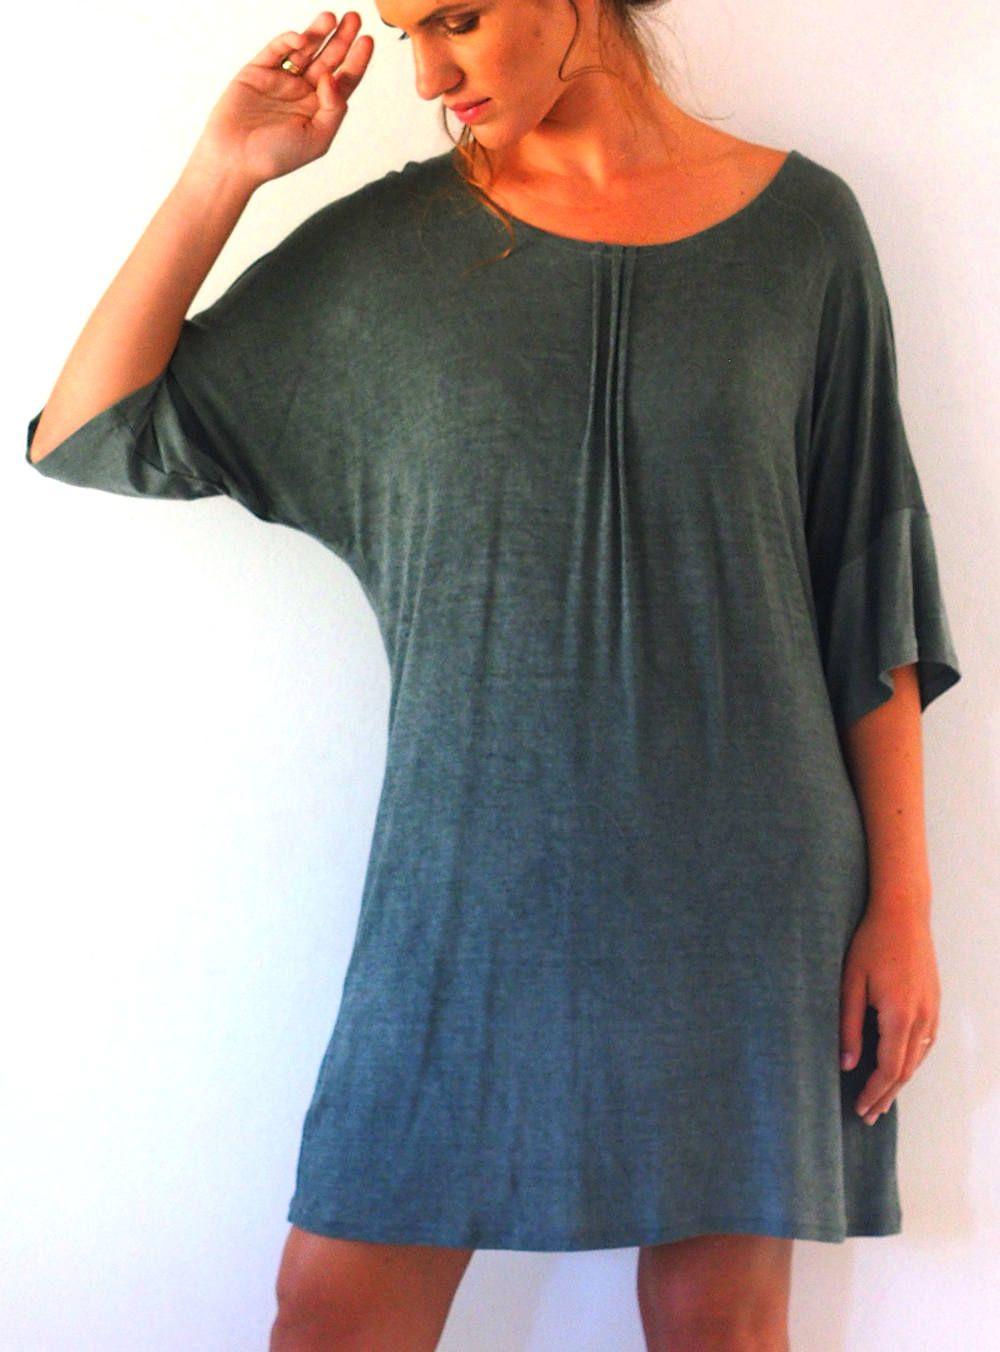 Minimalist Beach Dress Shift Olive Green Dress Tunic Dress